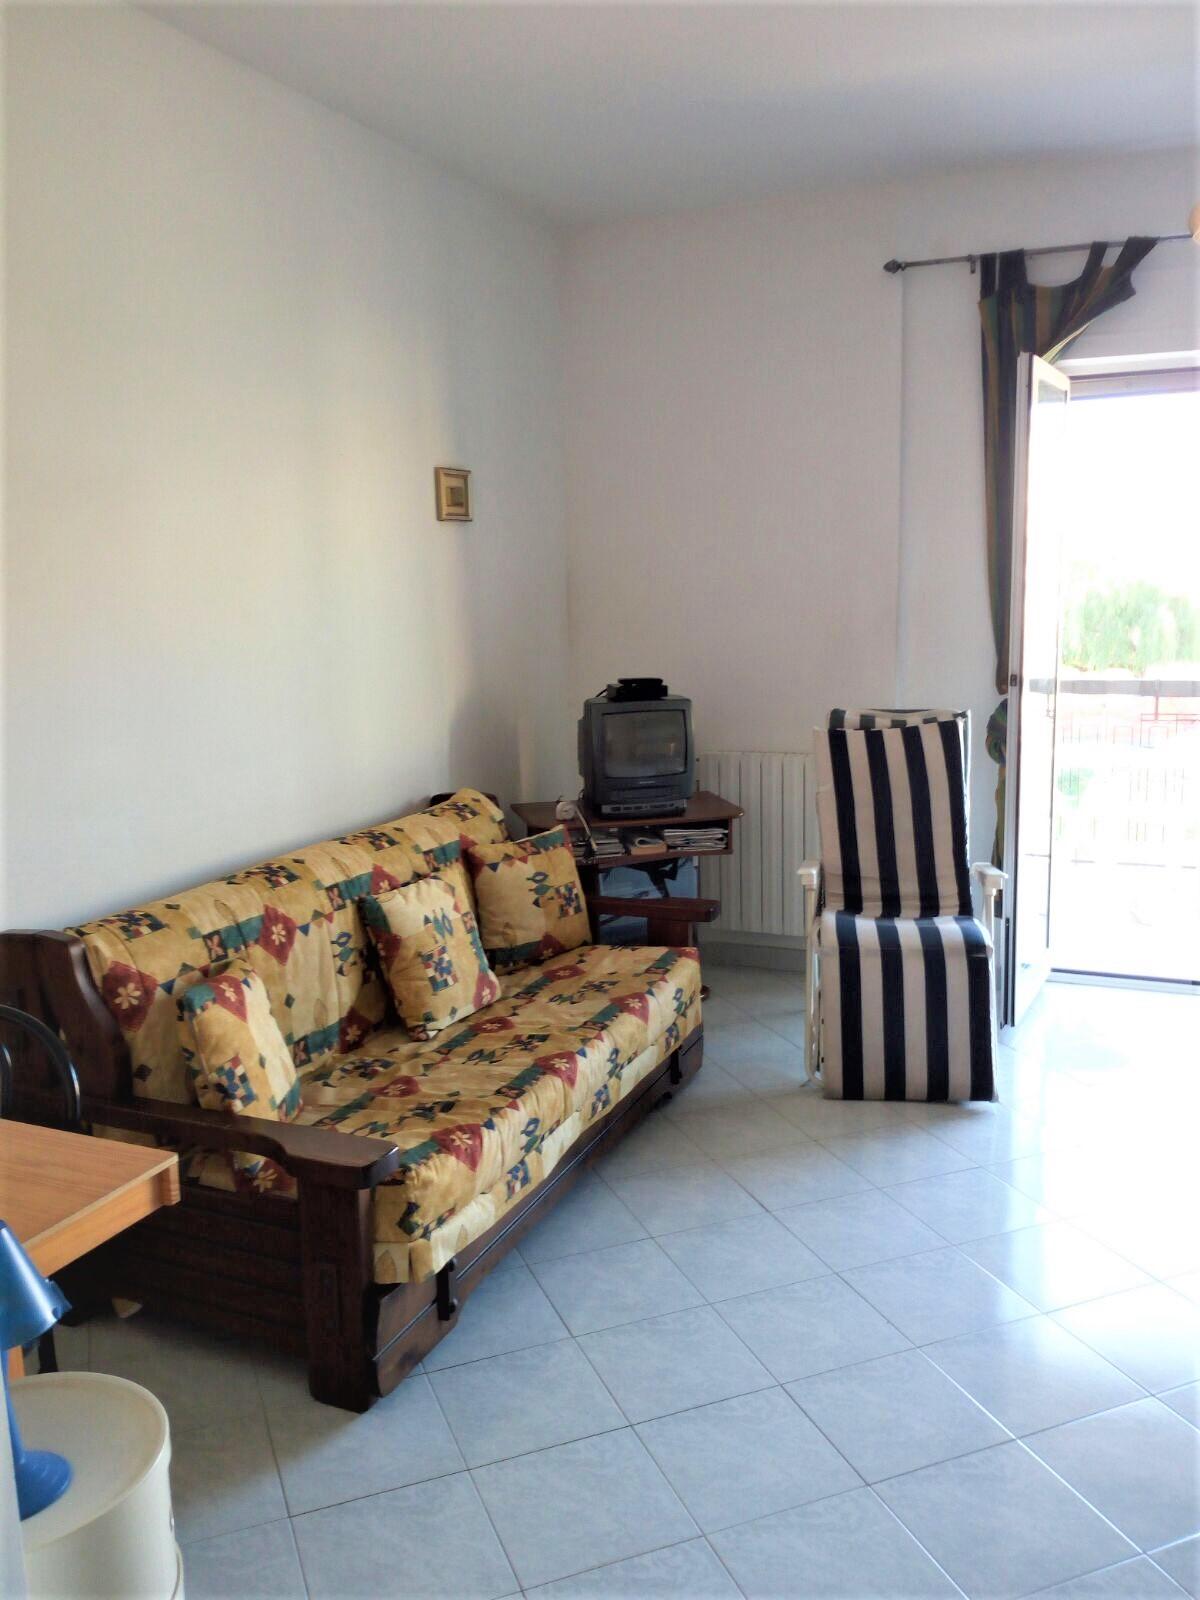 Appartamento in vendita a Gaeta, 2 locali, zona Località: ViadeiFrassini, prezzo € 170.000 | CambioCasa.it